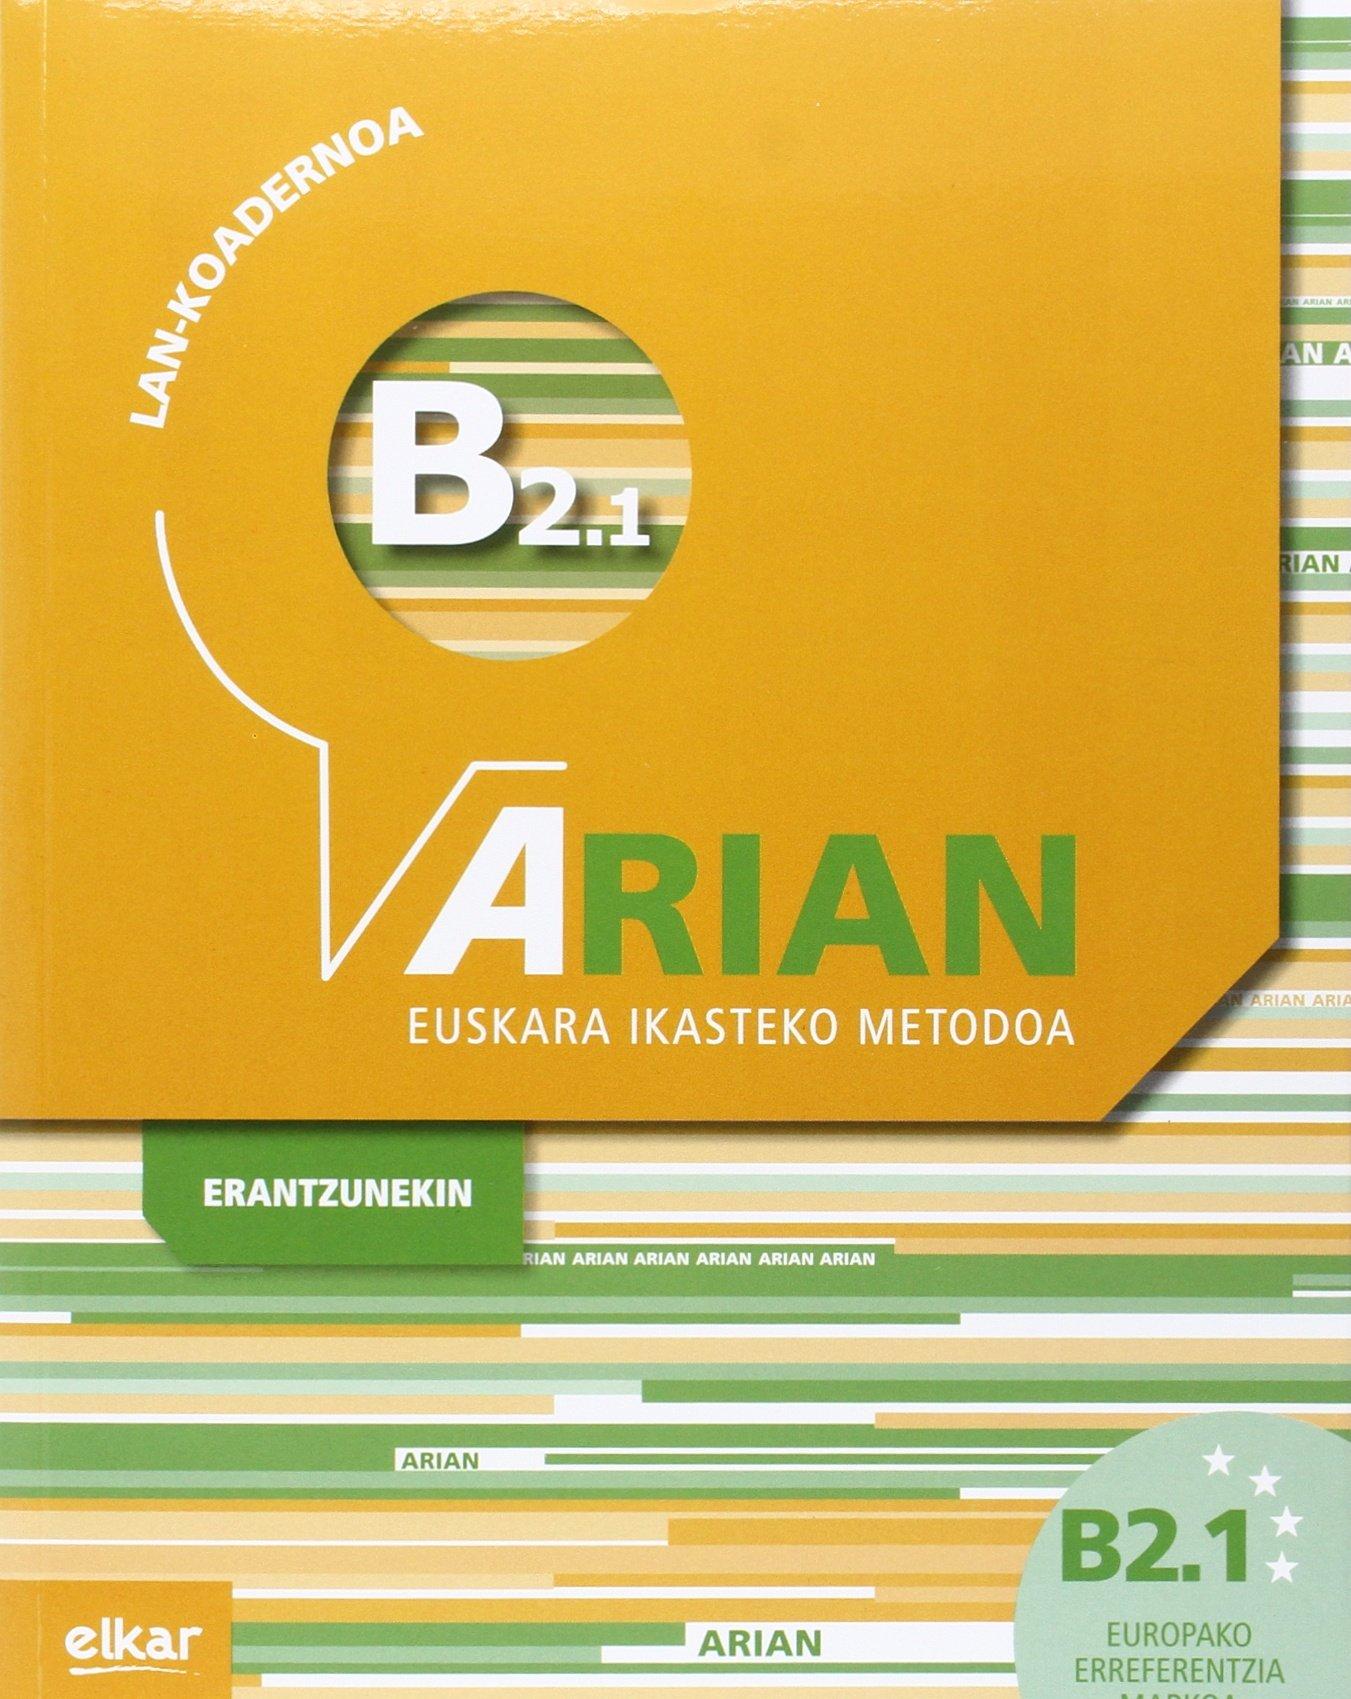 Arian B2.1 Lan-koadernoa (+erantzunak) (Euskera) Tapa blanda – 1 sep 2016 Batzuen artean Elkarlanean S.L. 8490276188